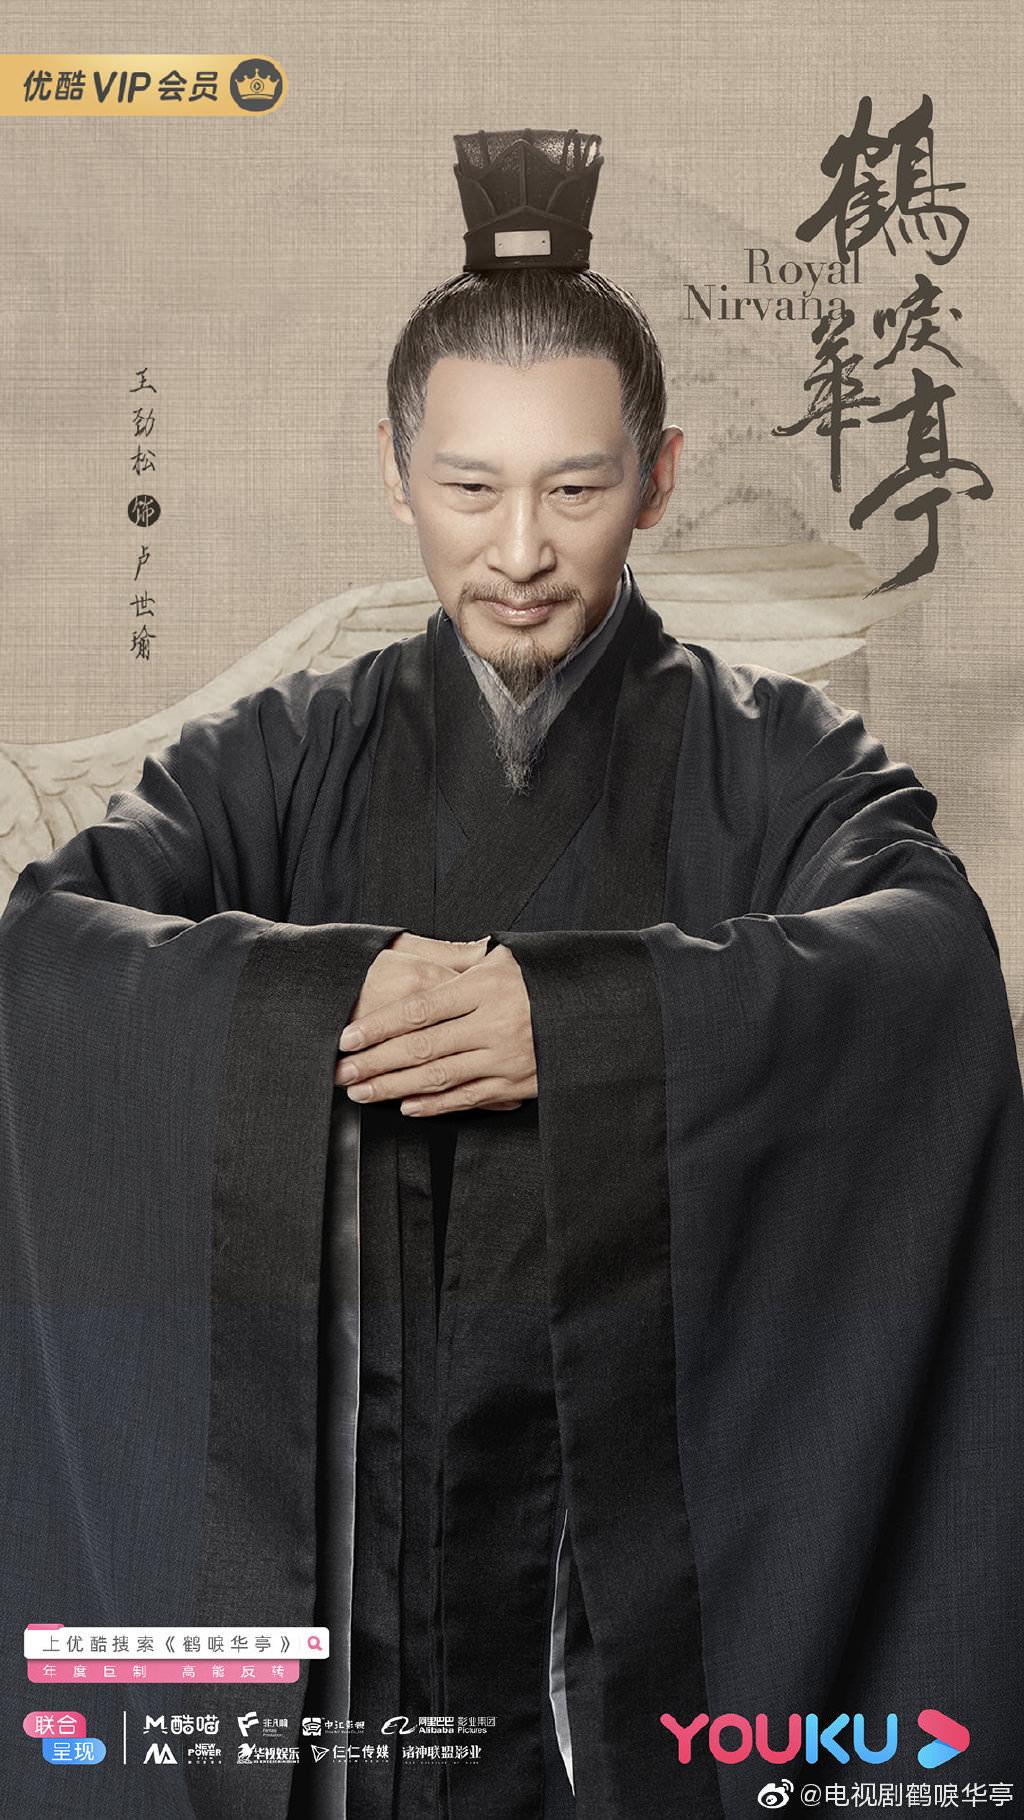 鶴唳華亭 -王勁松